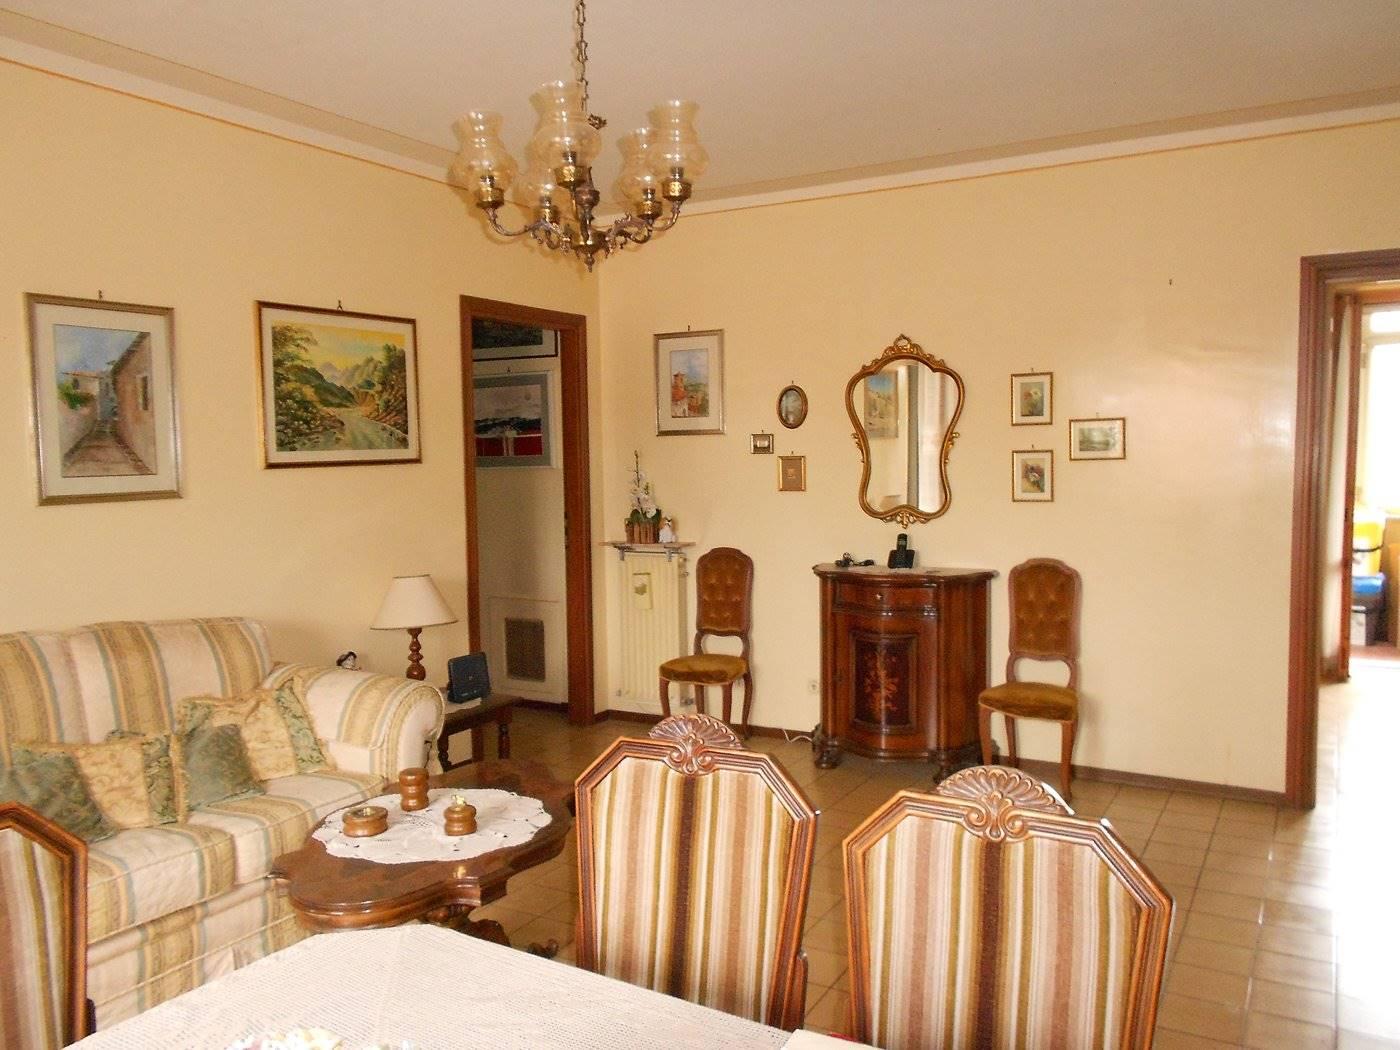 Appartamento in vendita a Spoleto, 5 locali, zona Località: PRIMA PERIFERIA, prezzo € 103.000 | CambioCasa.it